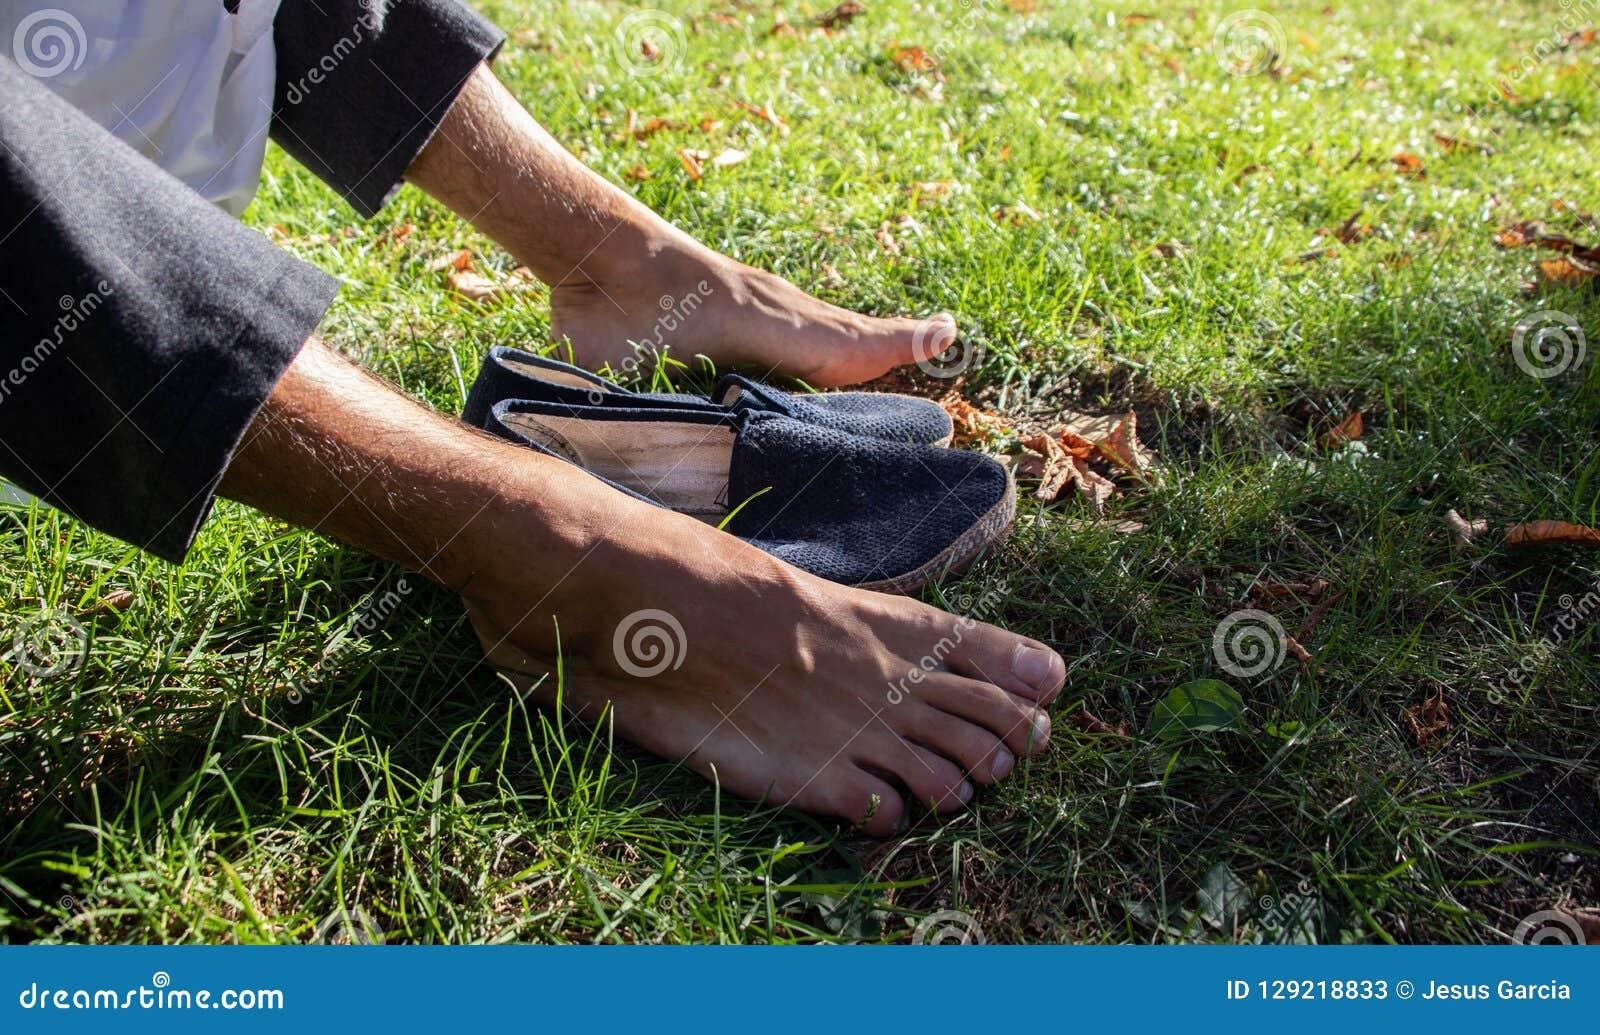 Bloße Füße auf dem Gras mit blauen Schuhen